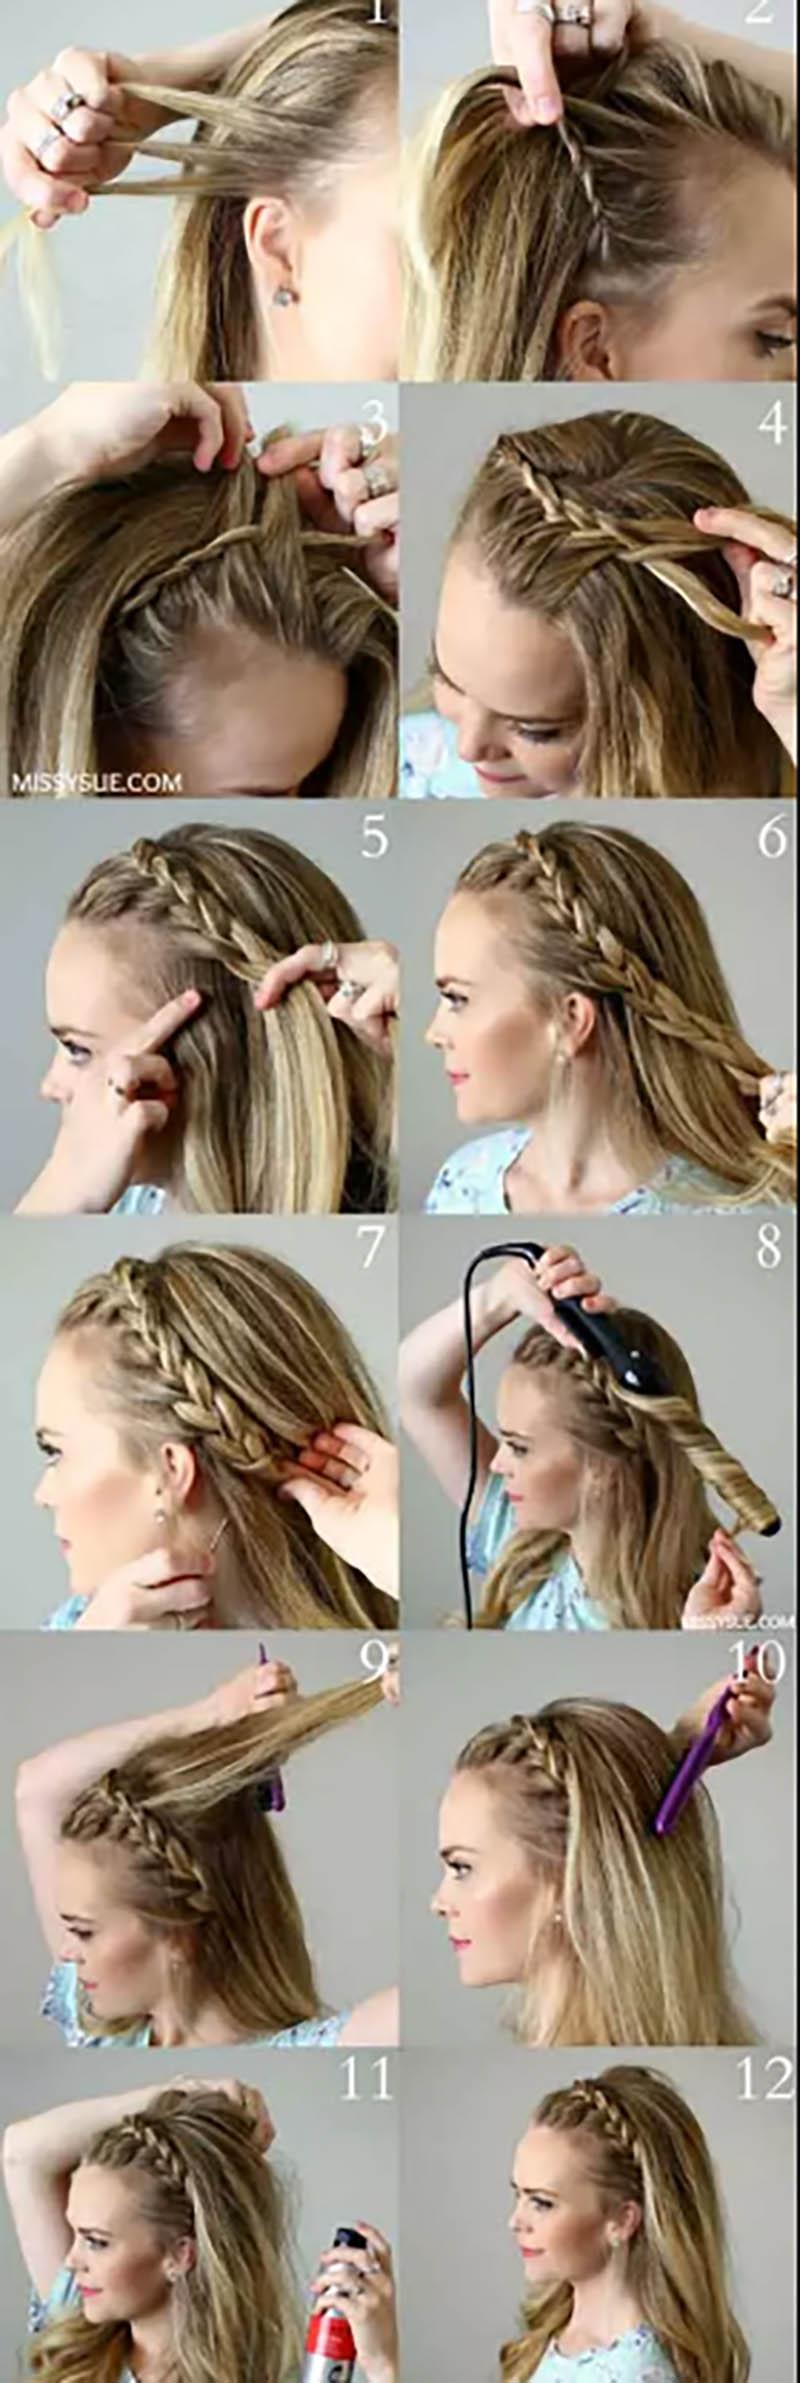 Bện tóc vòng phía trước